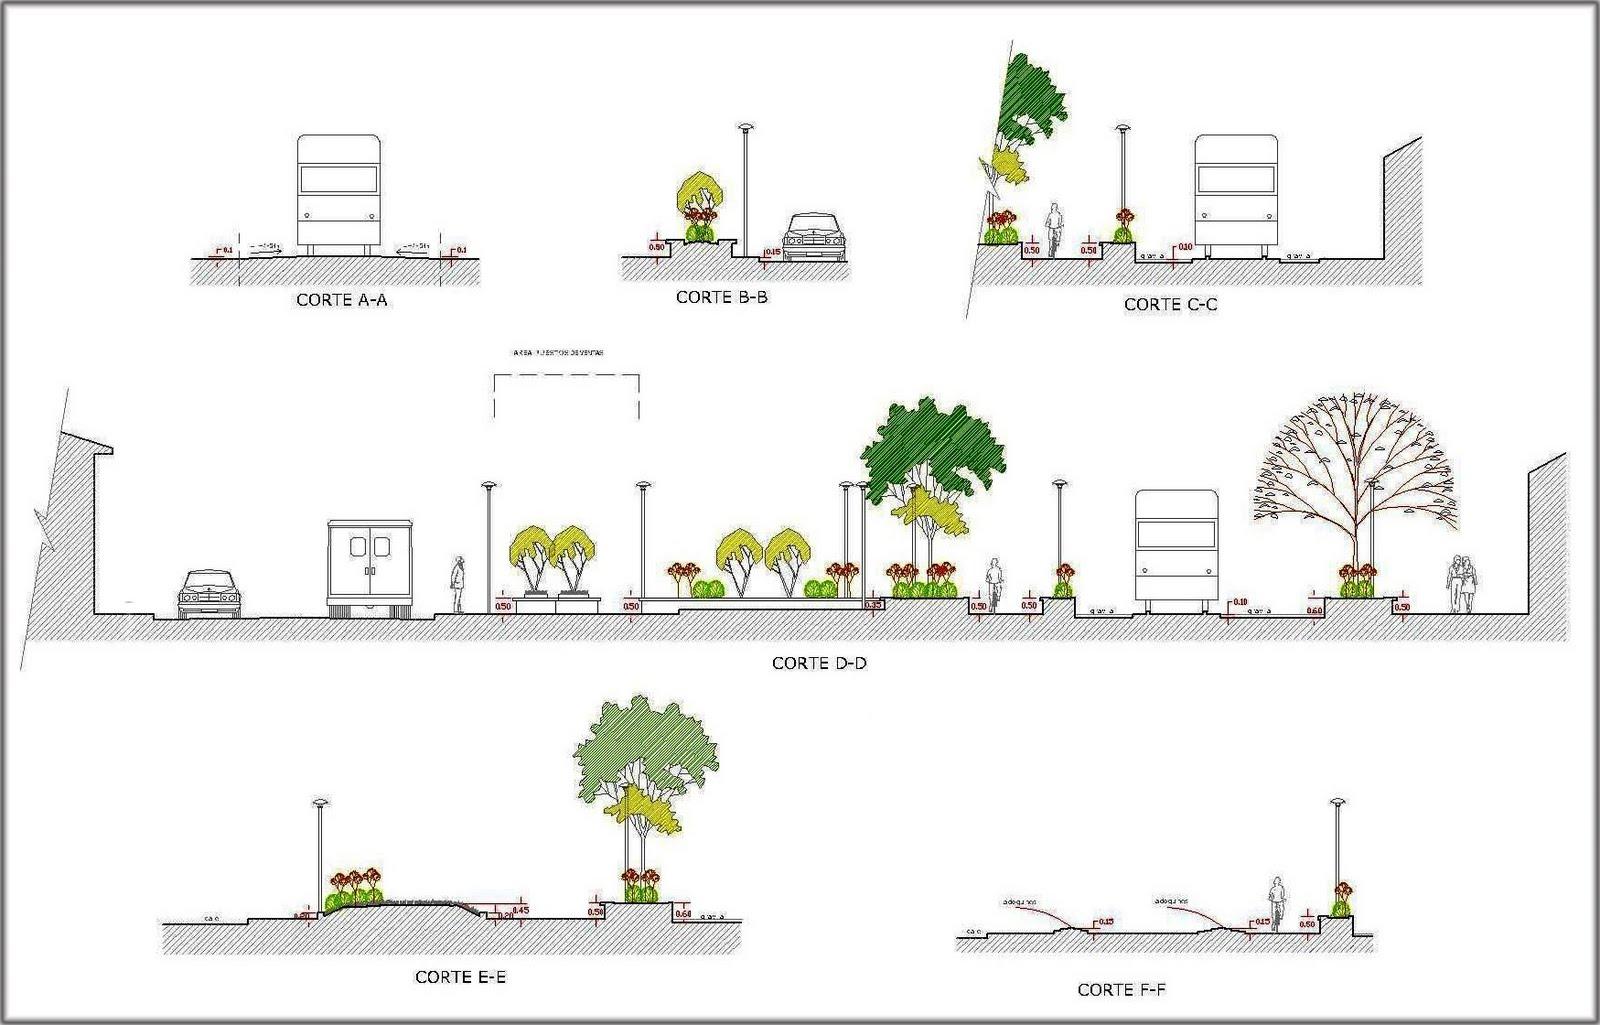 Arquitectura y urbanismo for Arquitectura nota de corte